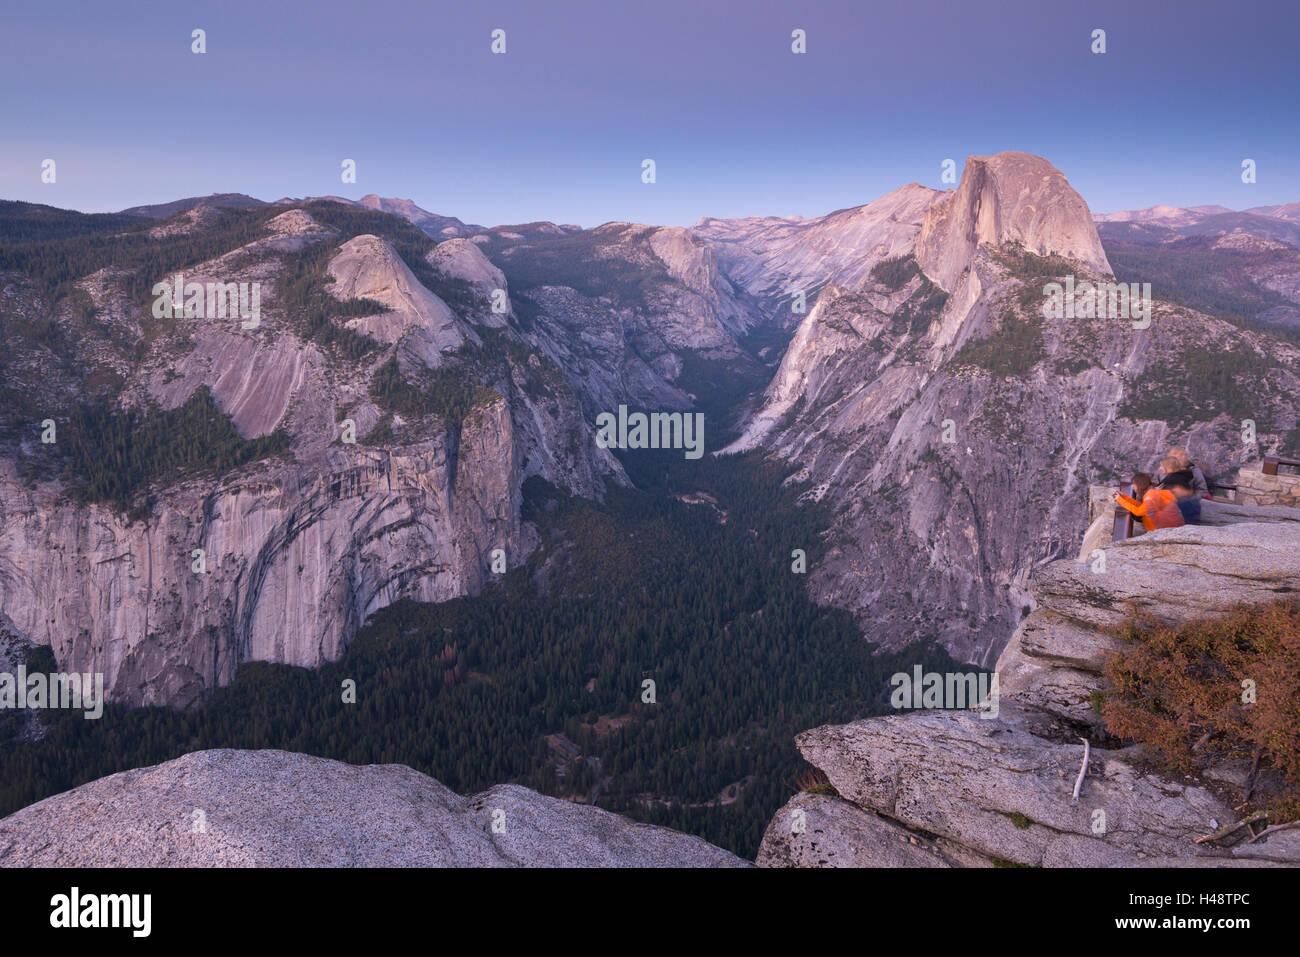 Los turistas ver Half Dome y el valle de Yosemite desde el Glaciar Point, el Parque Nacional Yosemite, California, Imagen De Stock